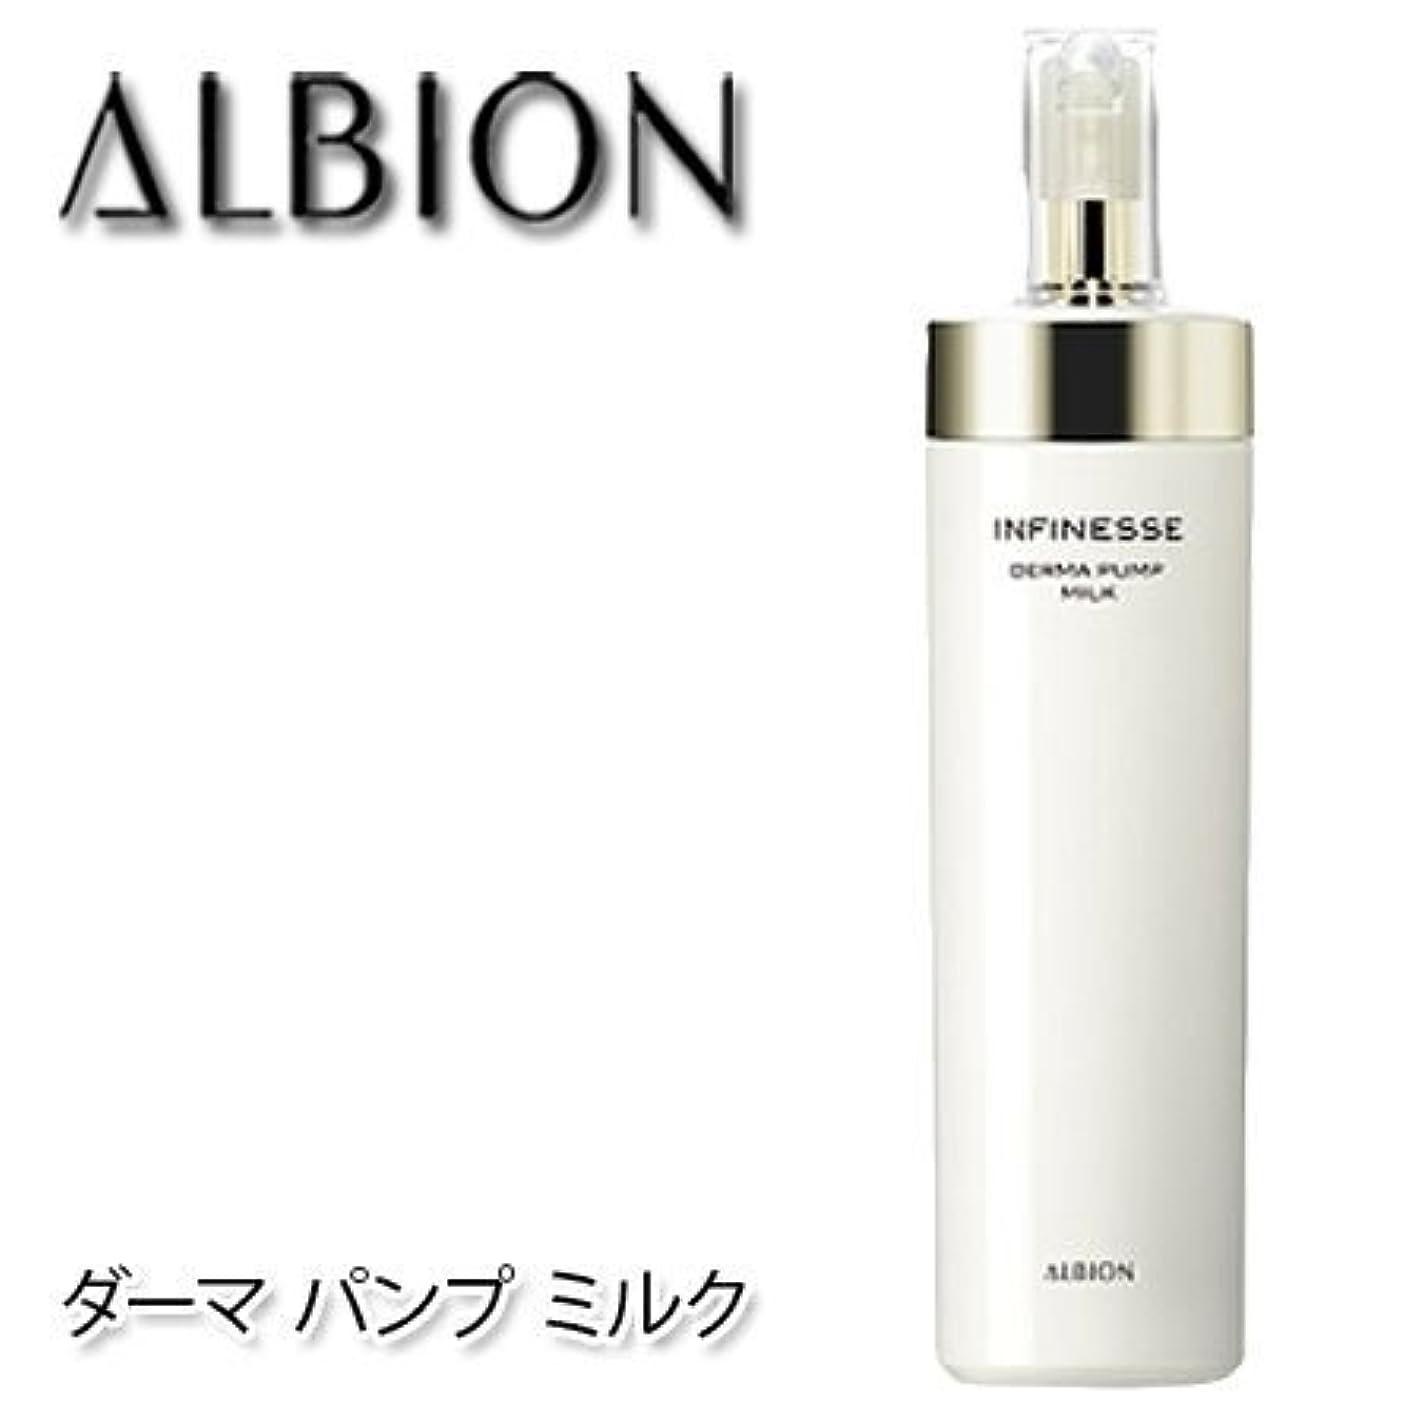 歩行者コロニー白雪姫アルビオン アンフィネス ダーマ パンプ ミルク 200g-ALBION-